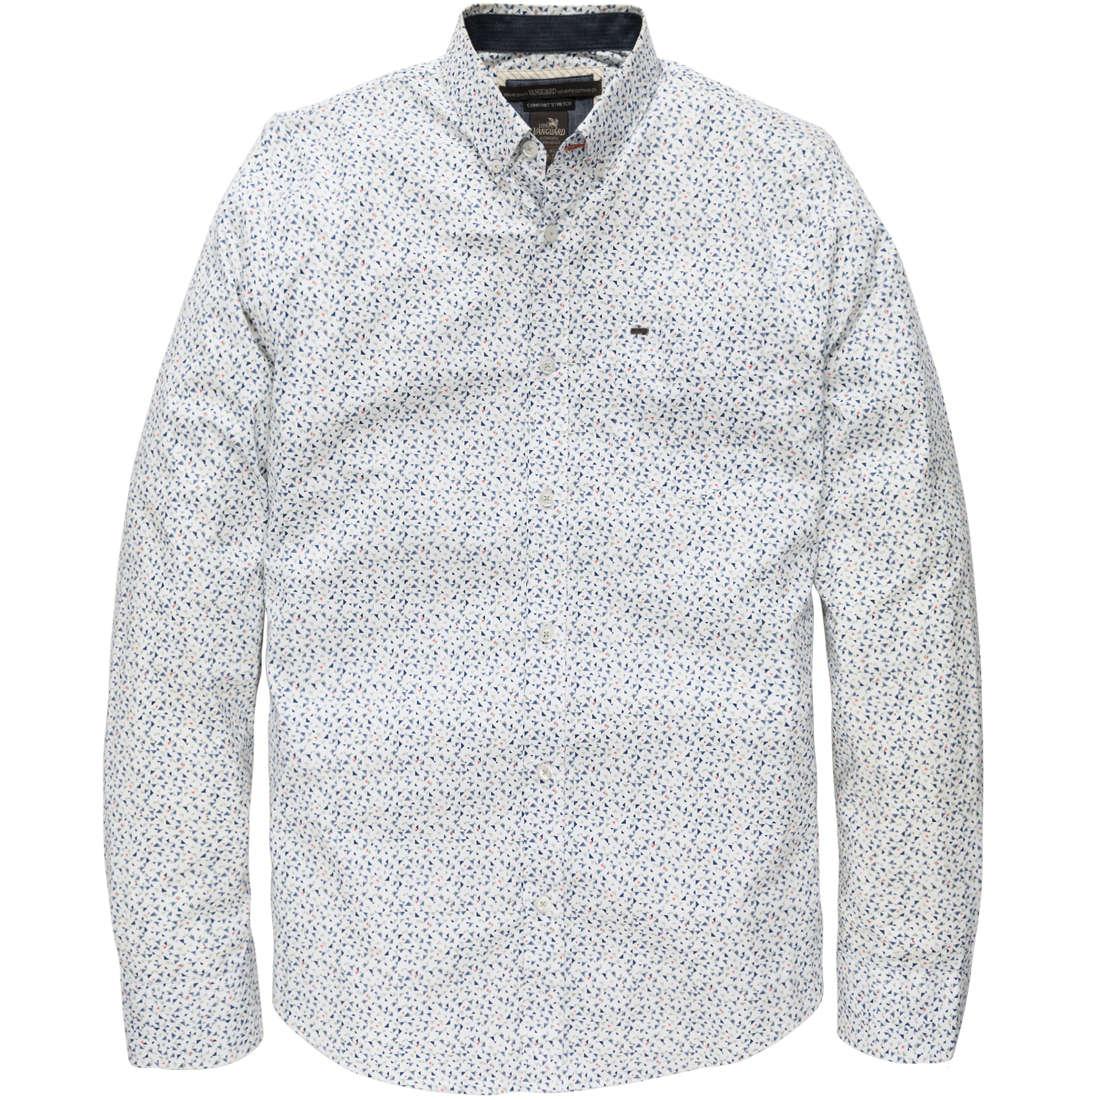 cc036930f93 Vanguard overhemd vsi188400 in het Wit